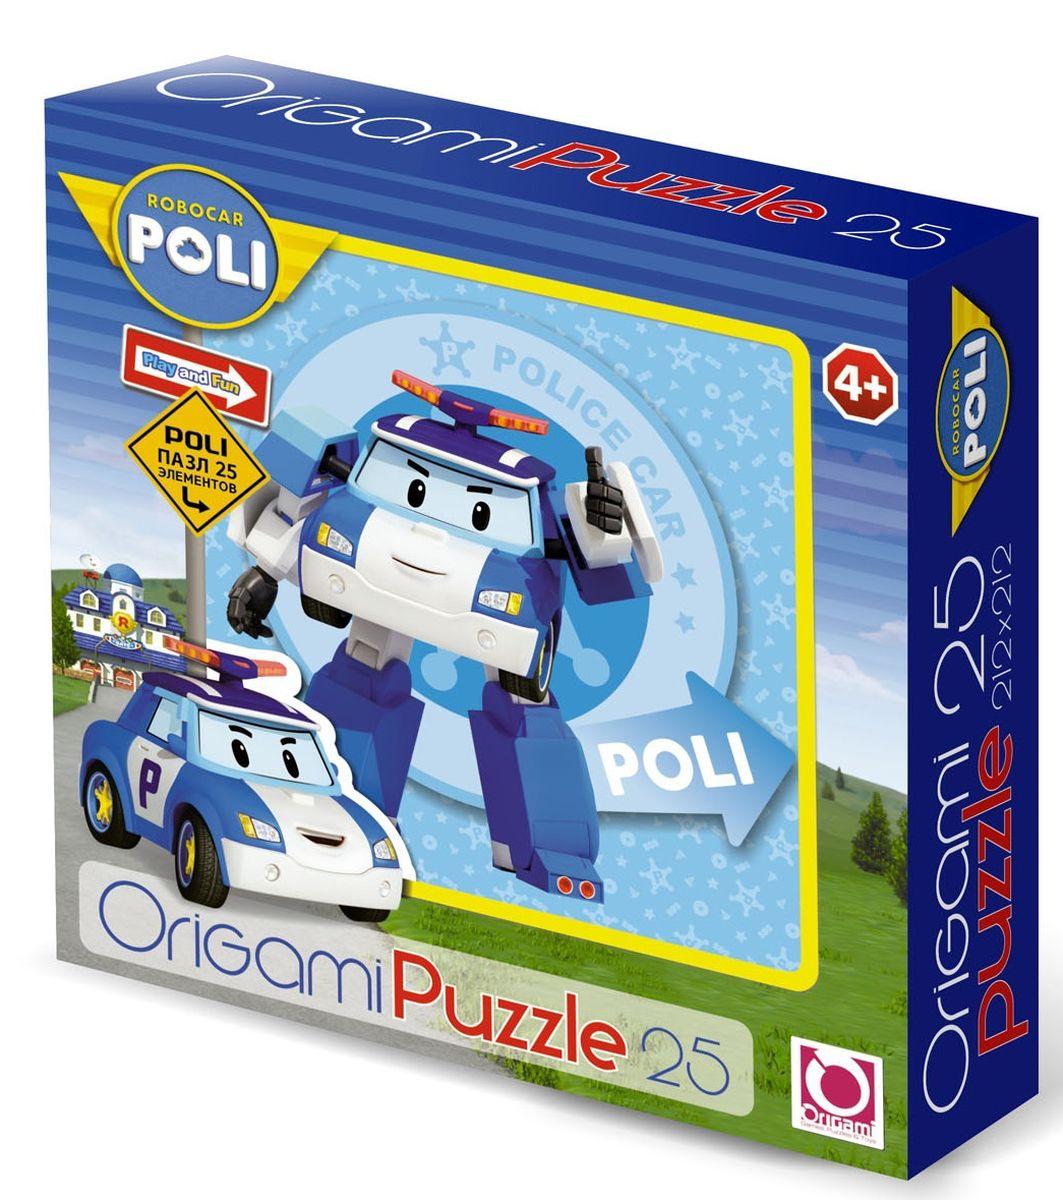 Оригами Пазл Robocar 25А 0016000160Пазл Робокар на 25 деталей. Пазл за пазлом ребёнок будет узнавать о весёлых приключениях машинок-трансформеров, в игровой форме ребёнок научится правилам дорожного движения. Составление пазла станет развивающим досугом для малыша и подарит хорошее настроение. Размер пазла 22х22. Рекомендуемый возраст 3+.